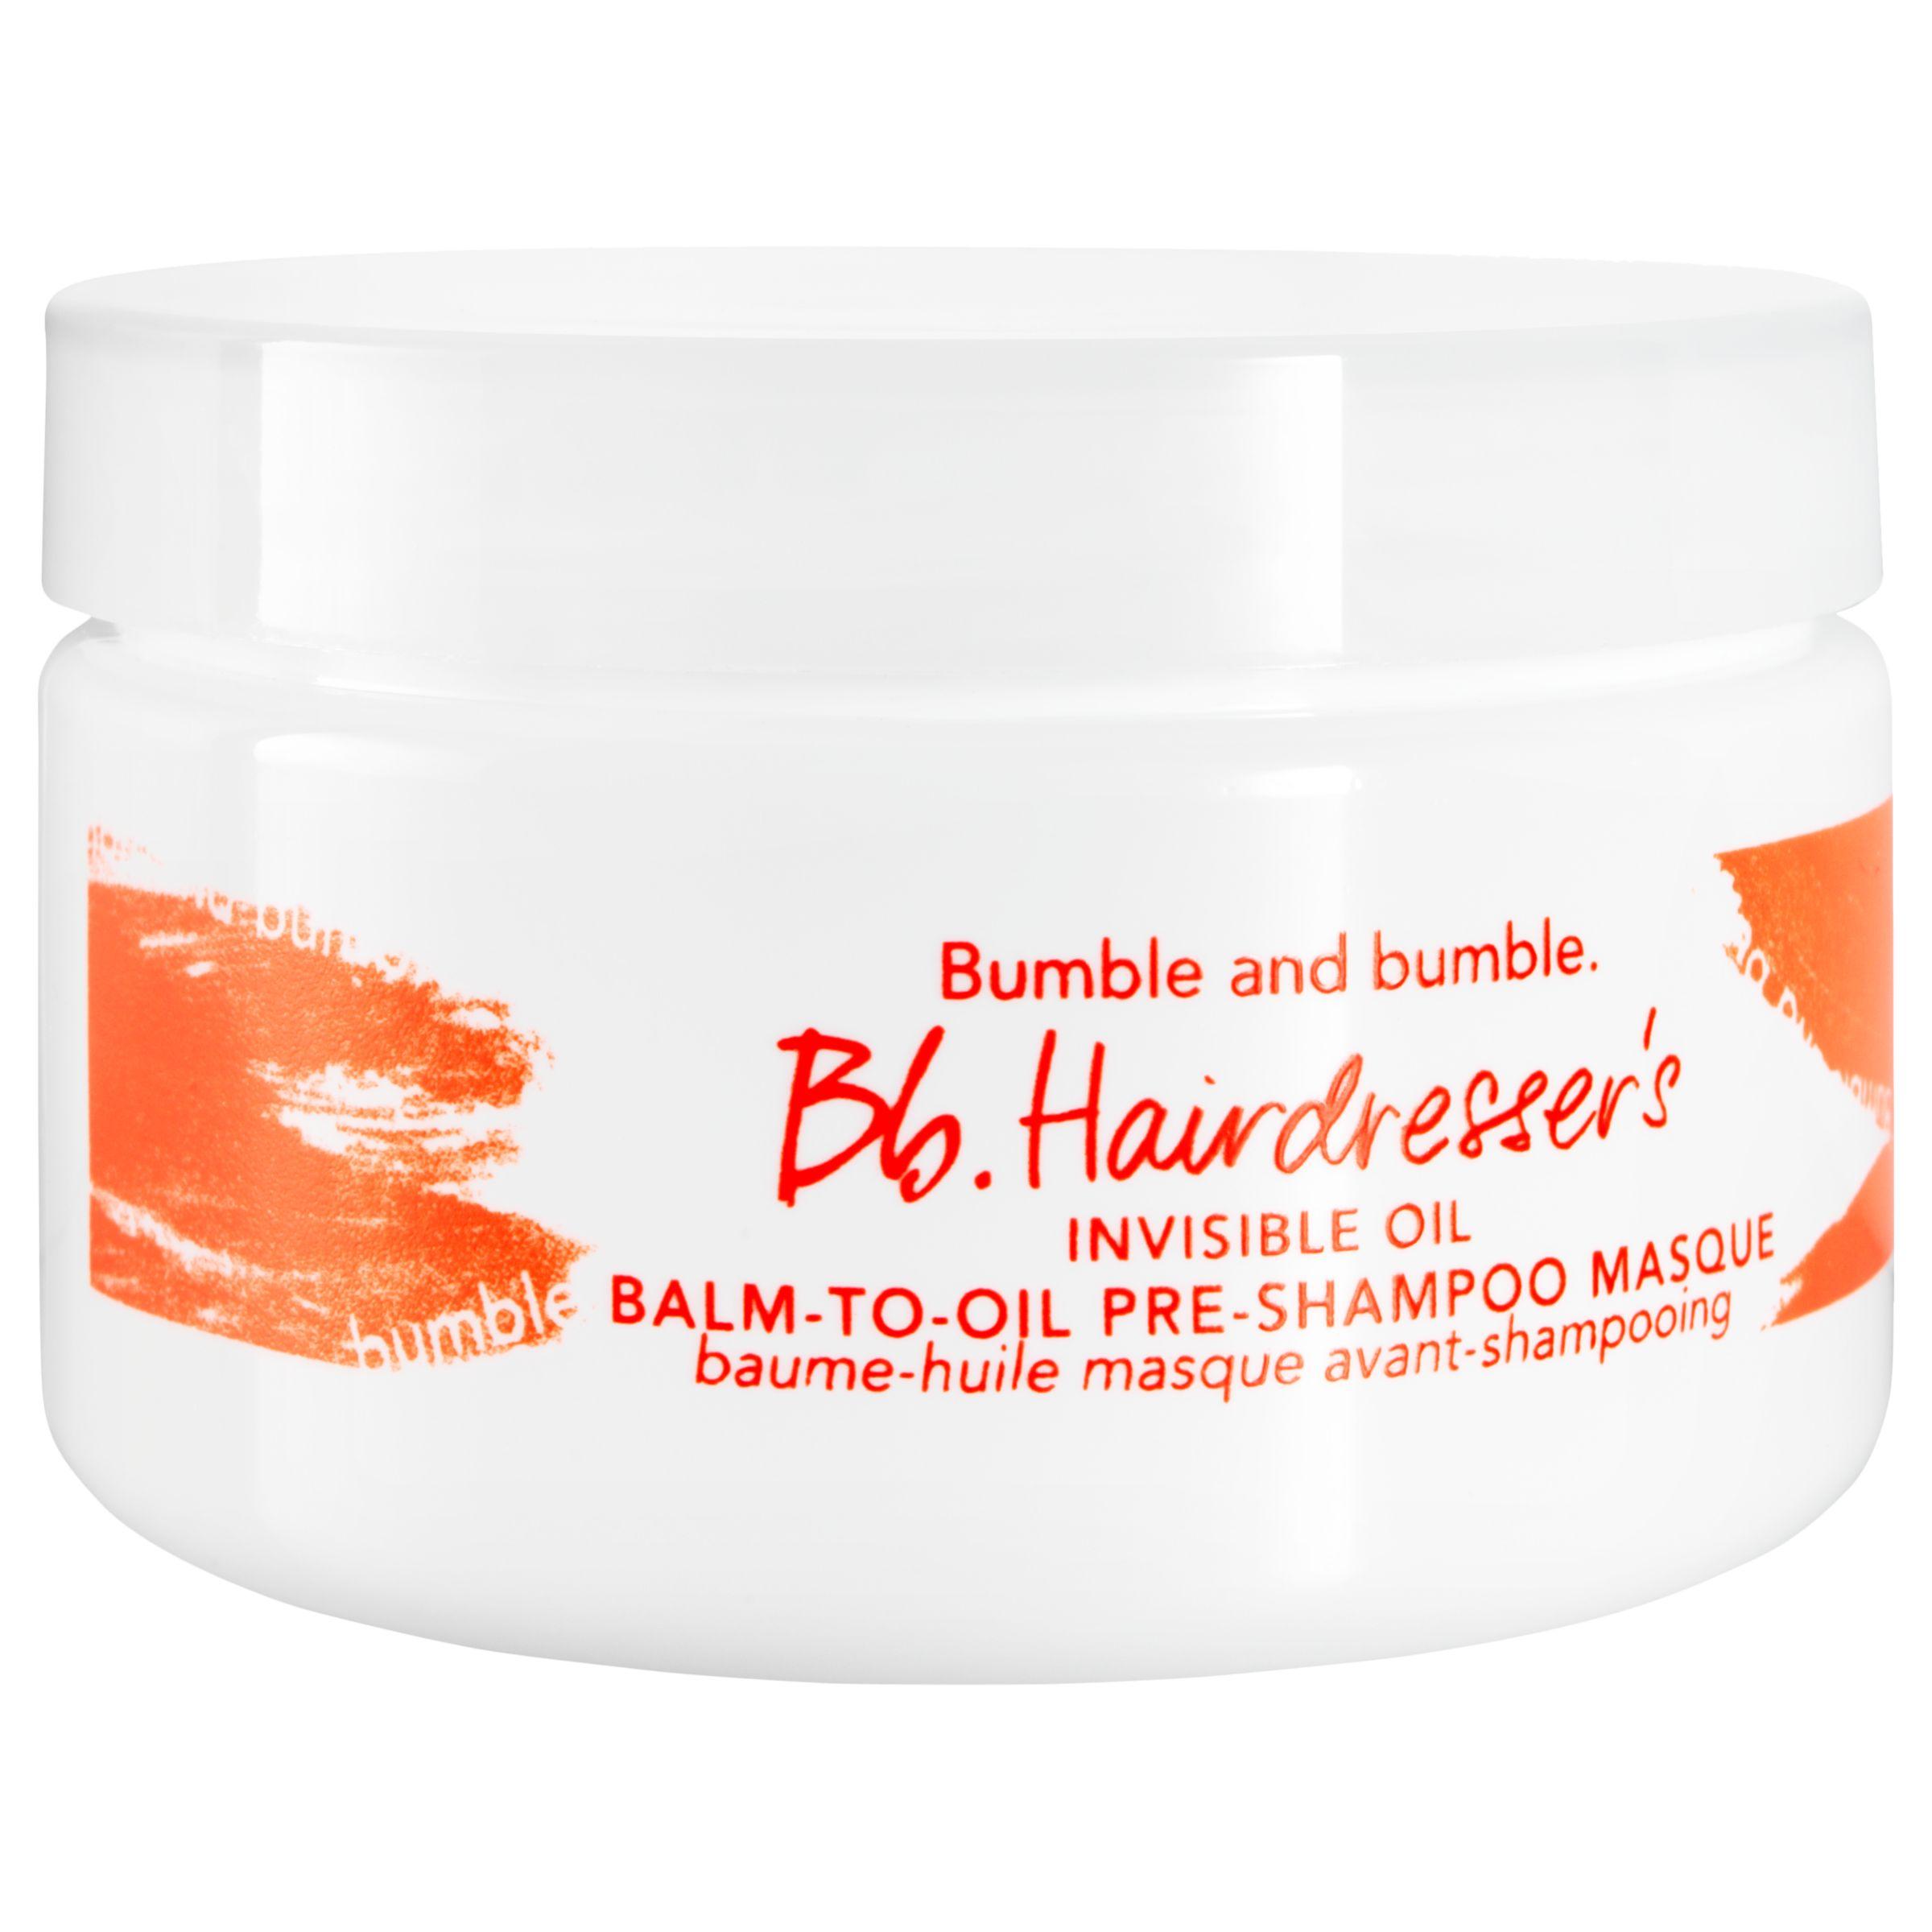 Bumble and bumble Bumble and bumble Bb. Hairdresser's Invisible Oil Balm-to-Oil Pre-shampoo Masque, 100ml